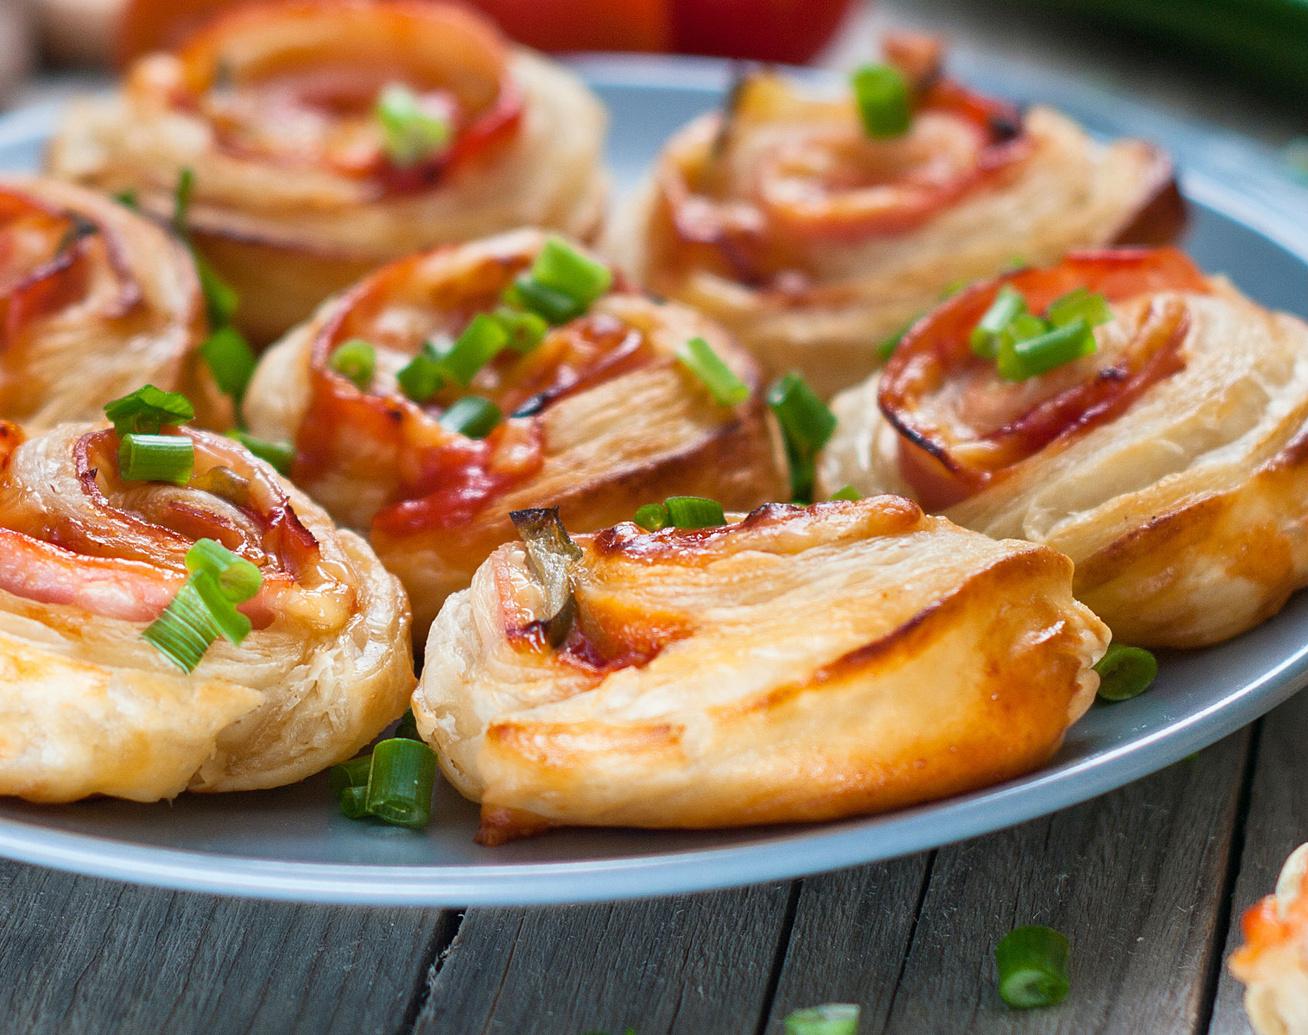 Sajtos, sonkás, paradicsomos csigák pihe-puha kelt tésztából - Csak úgy eteti magát